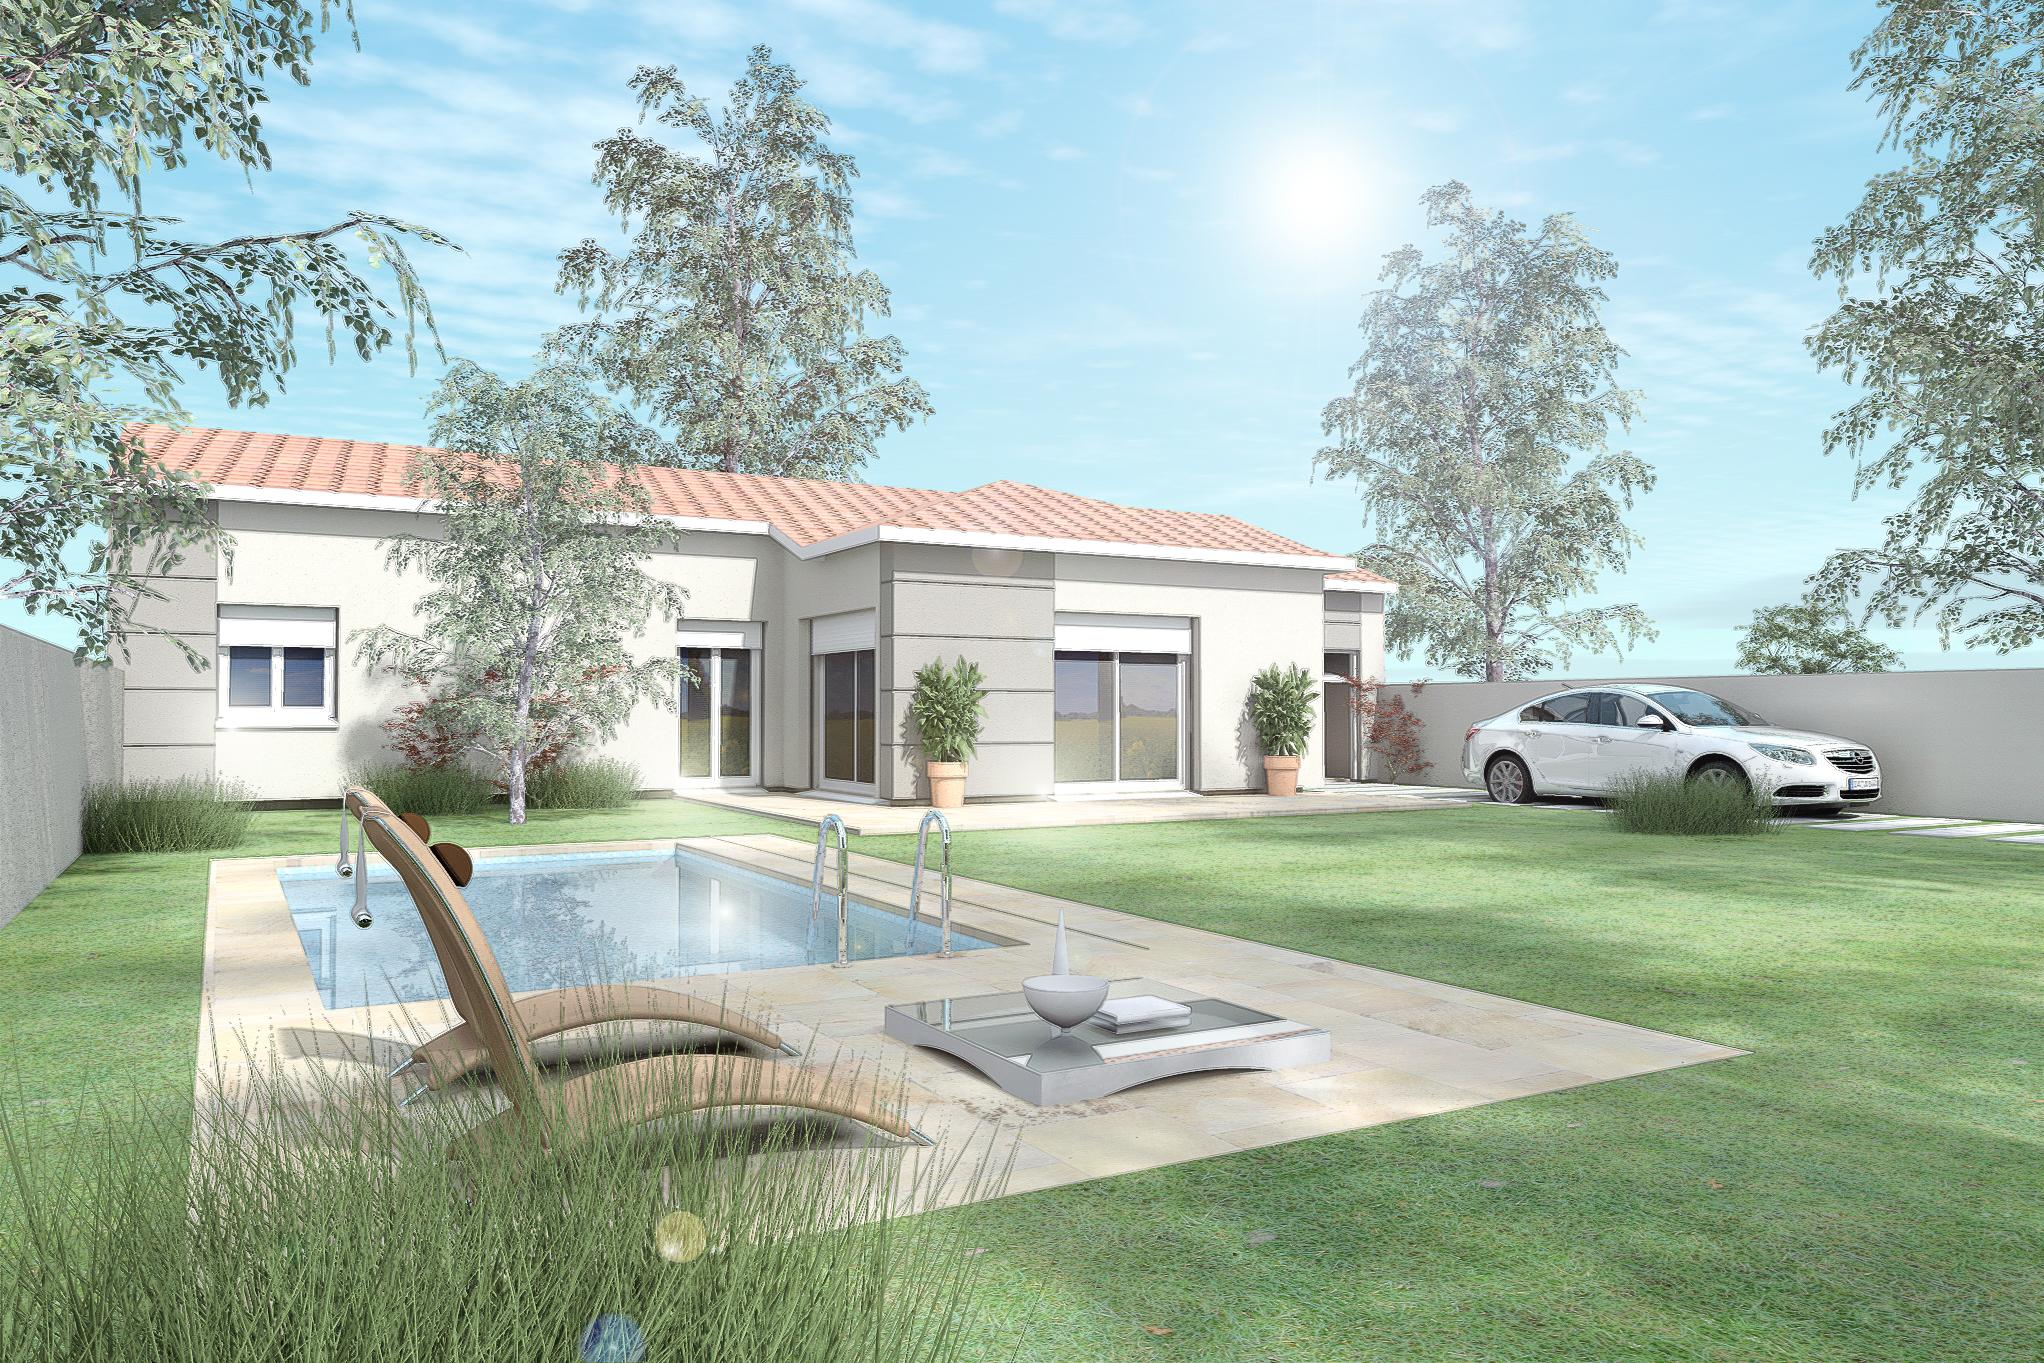 Terrains du constructeur MAISON DU DAUPHINE • 450 m² • GENISSIEUX